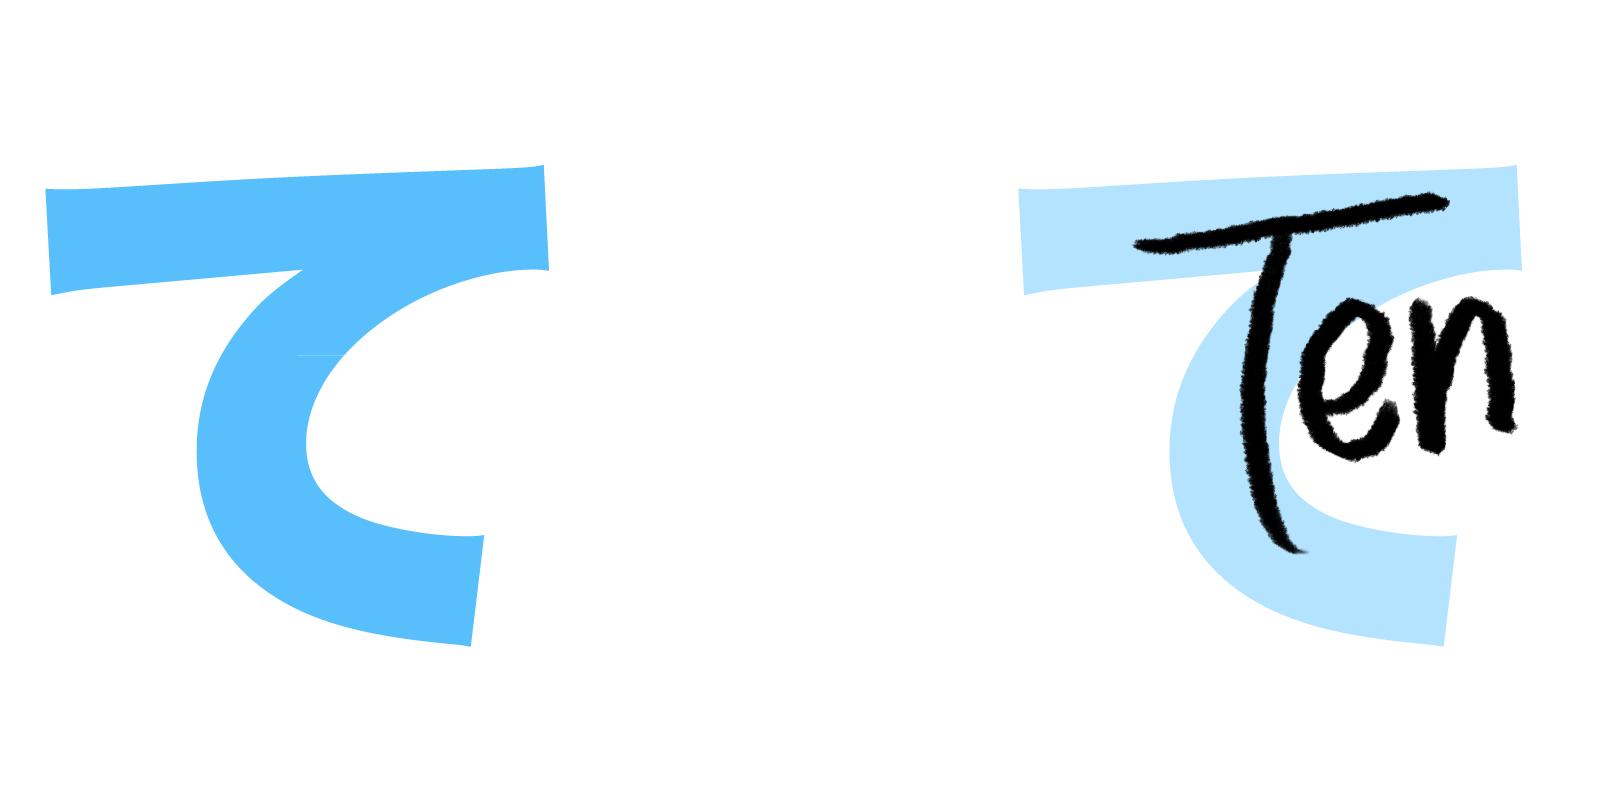 て hiragana mnemonic